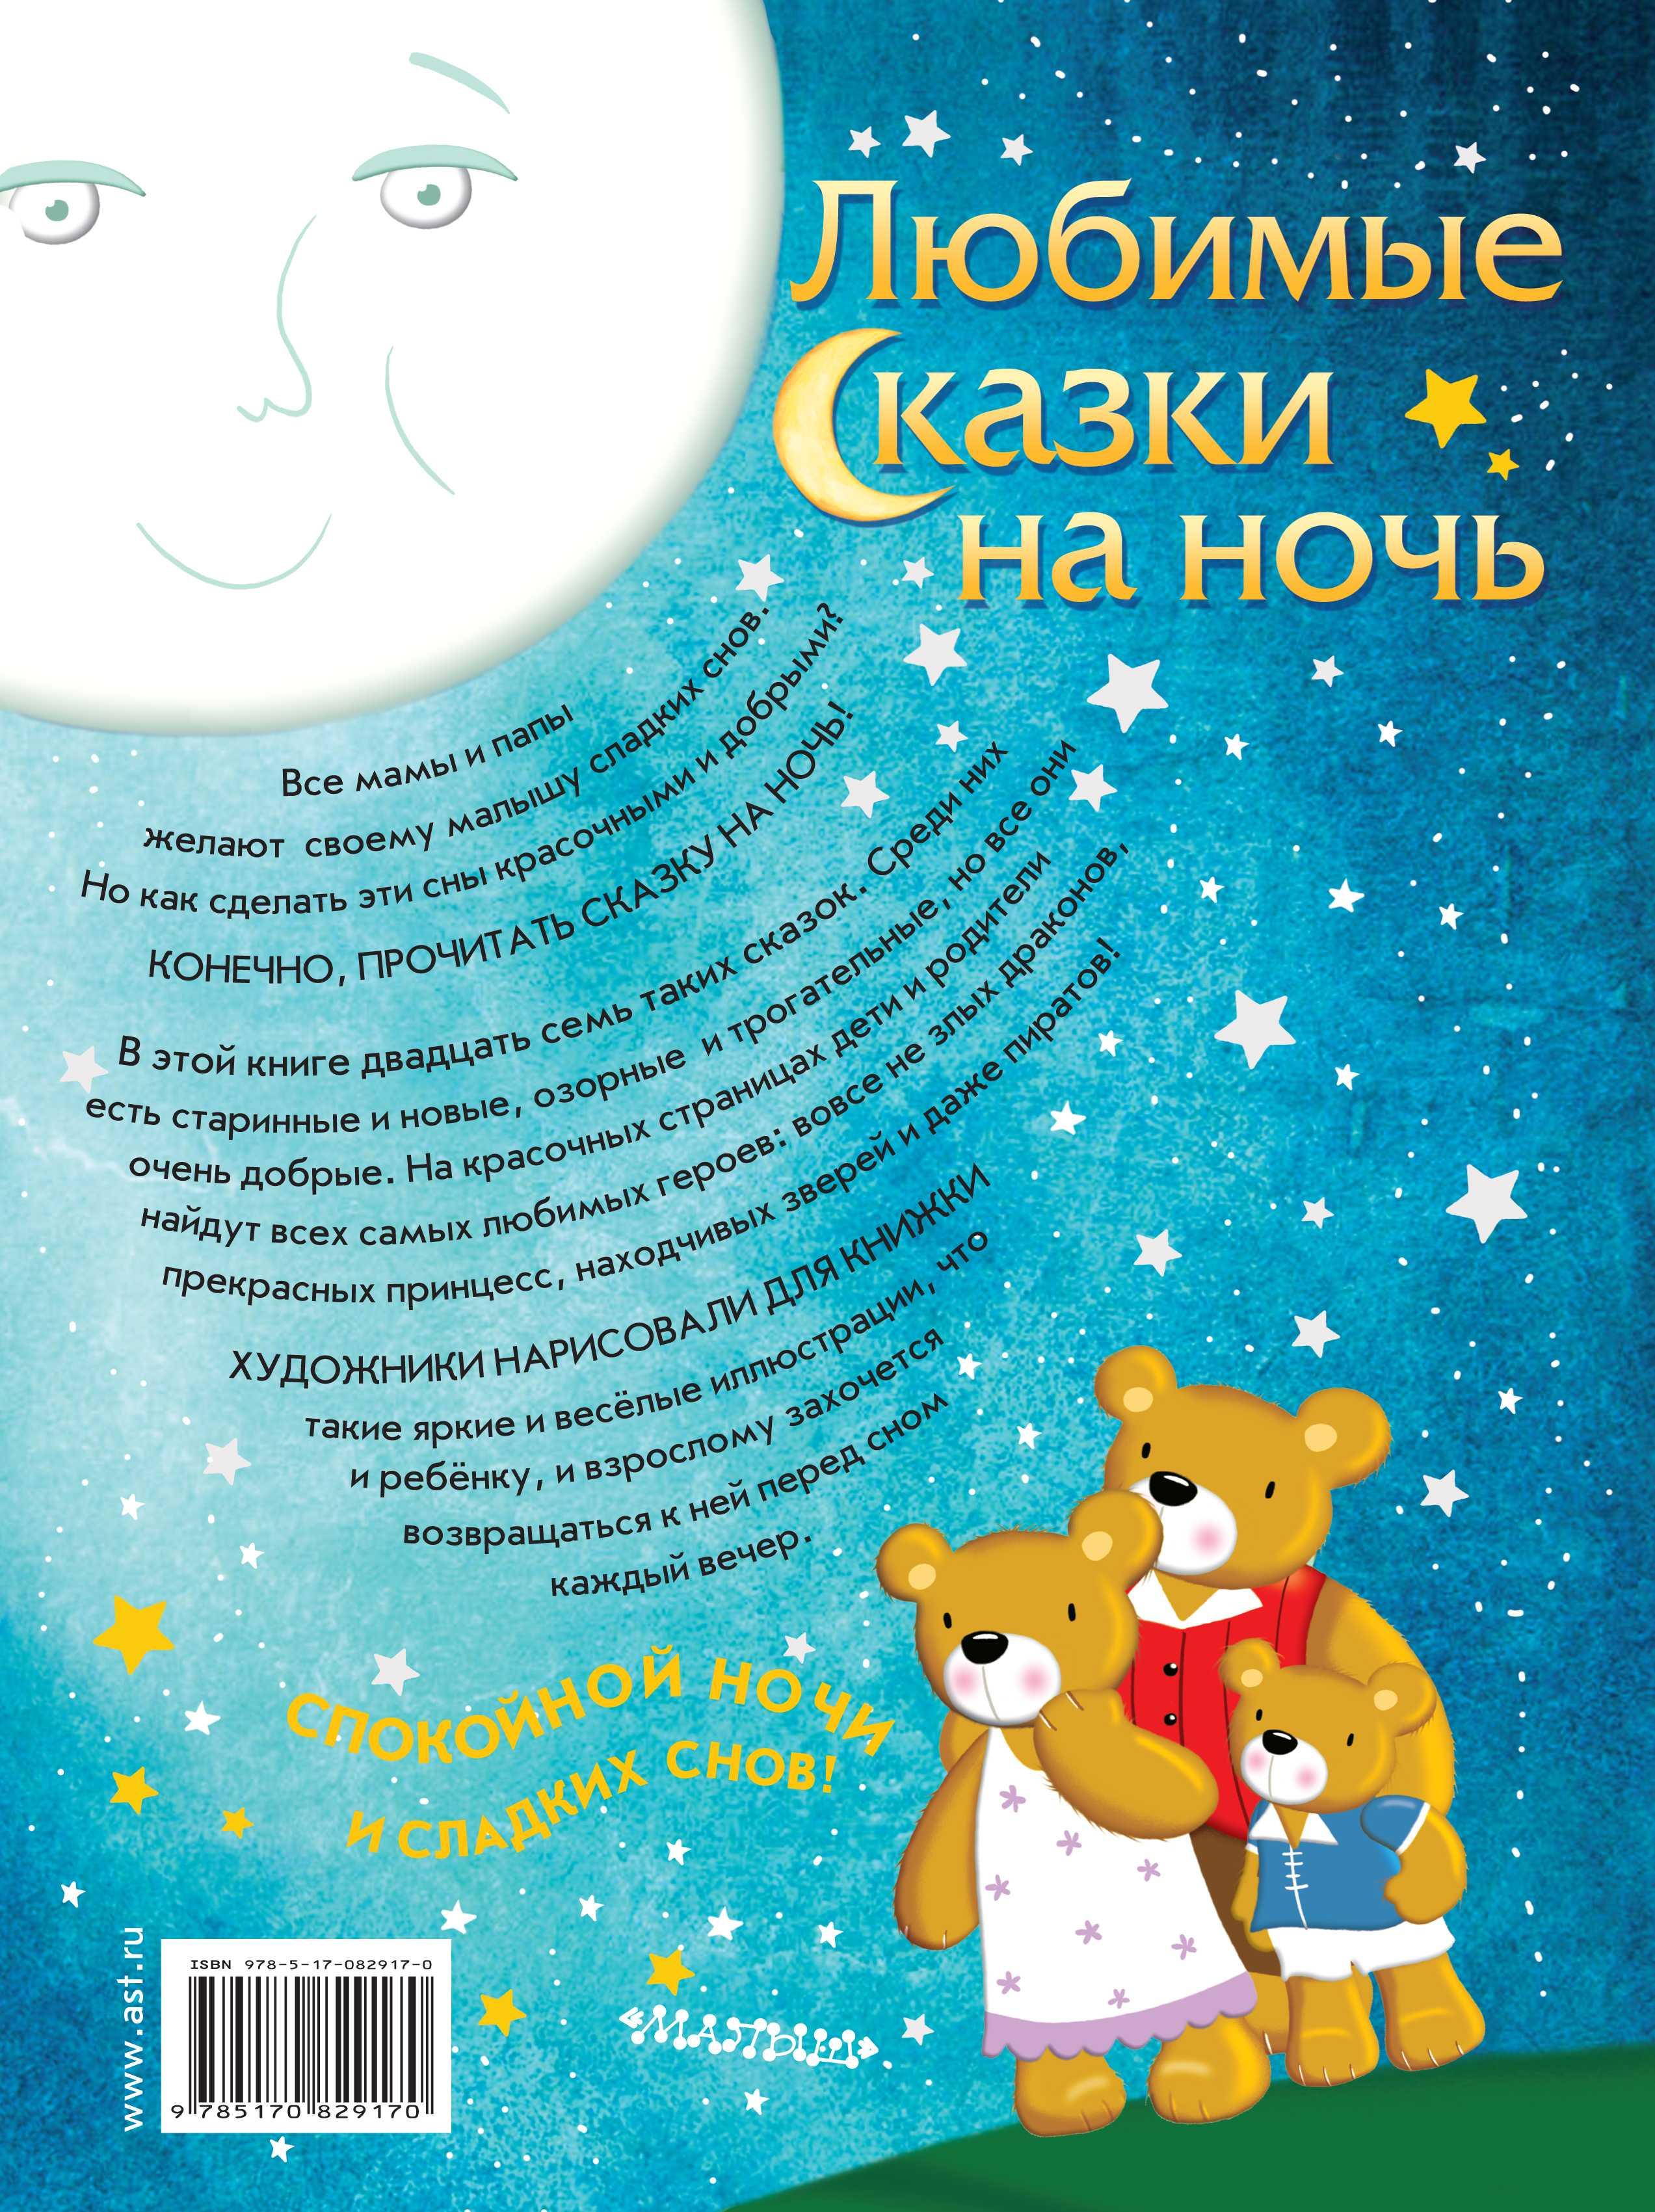 Поучительные сказки. сказки на ночь детям короткие